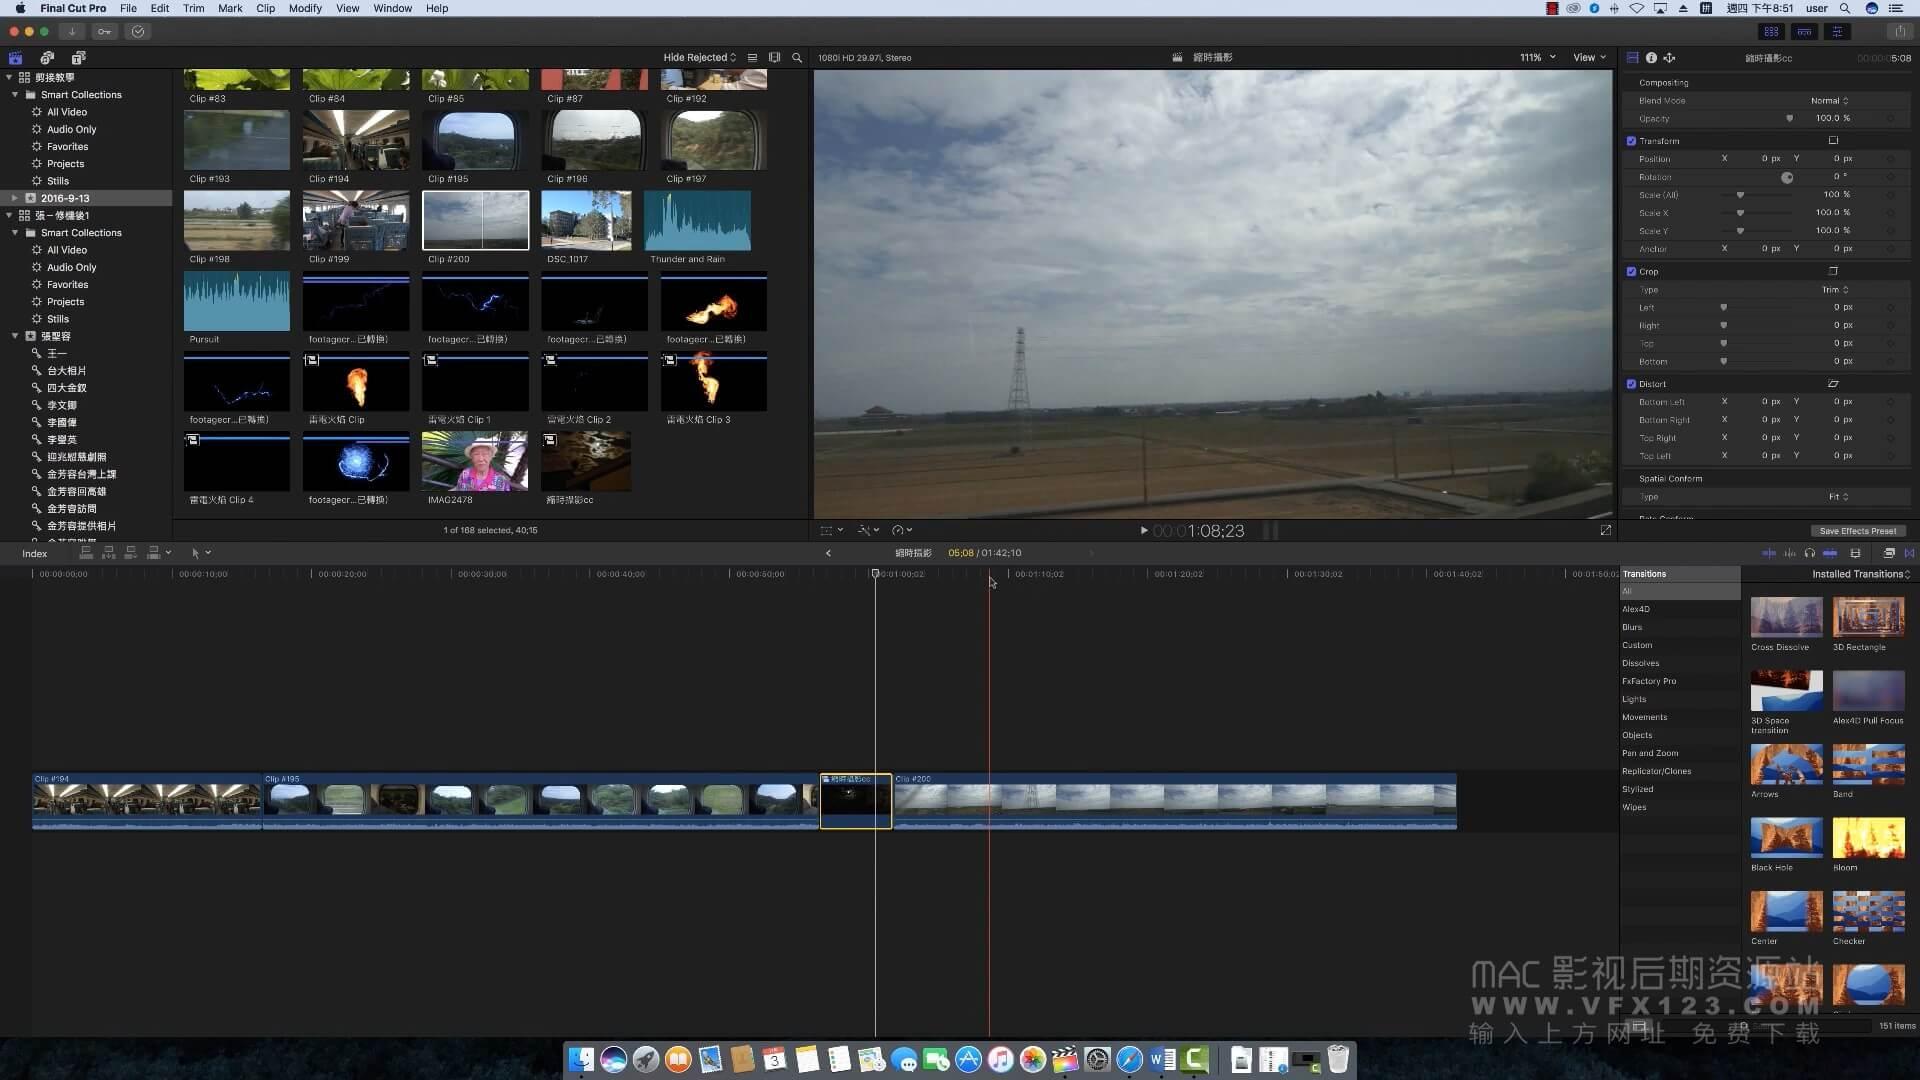 第39课: 延时摄影在Final Cut Pro X中的应用